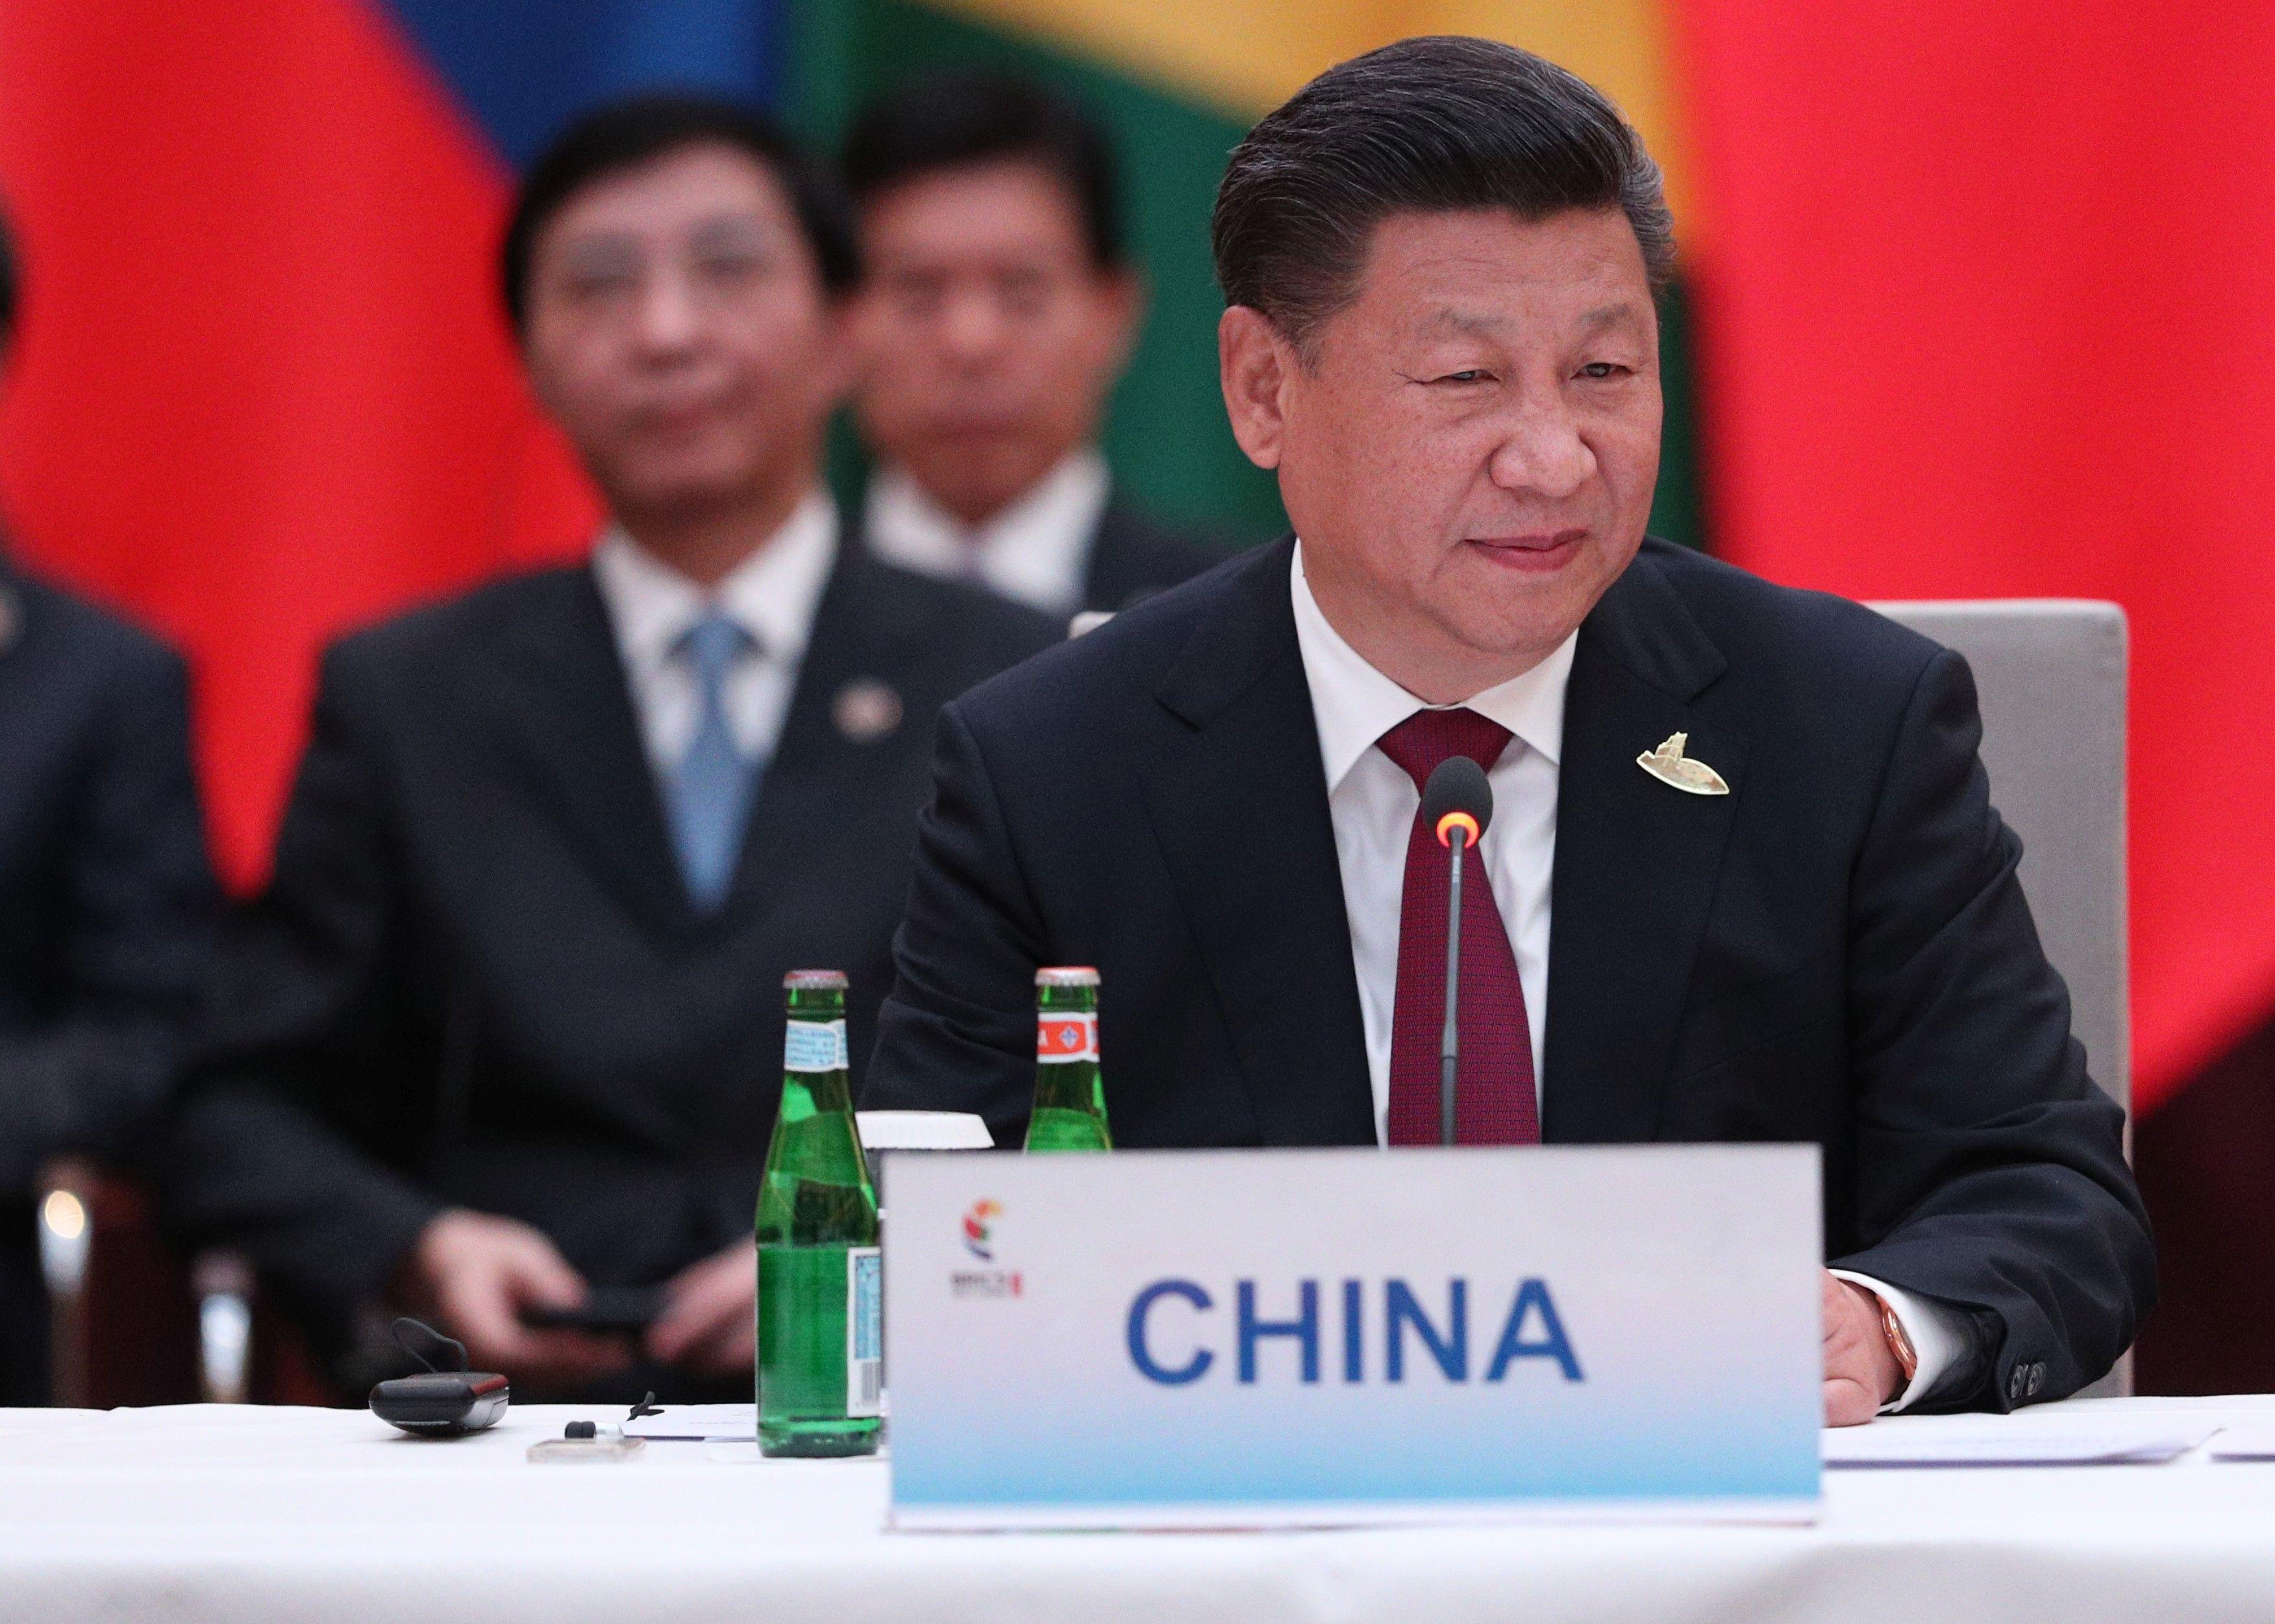 Vizita lui Trump în China. Preşedintele SUA îşi va continua ofensiva împotriva Coreei de Nord şi va cere măsuri dure